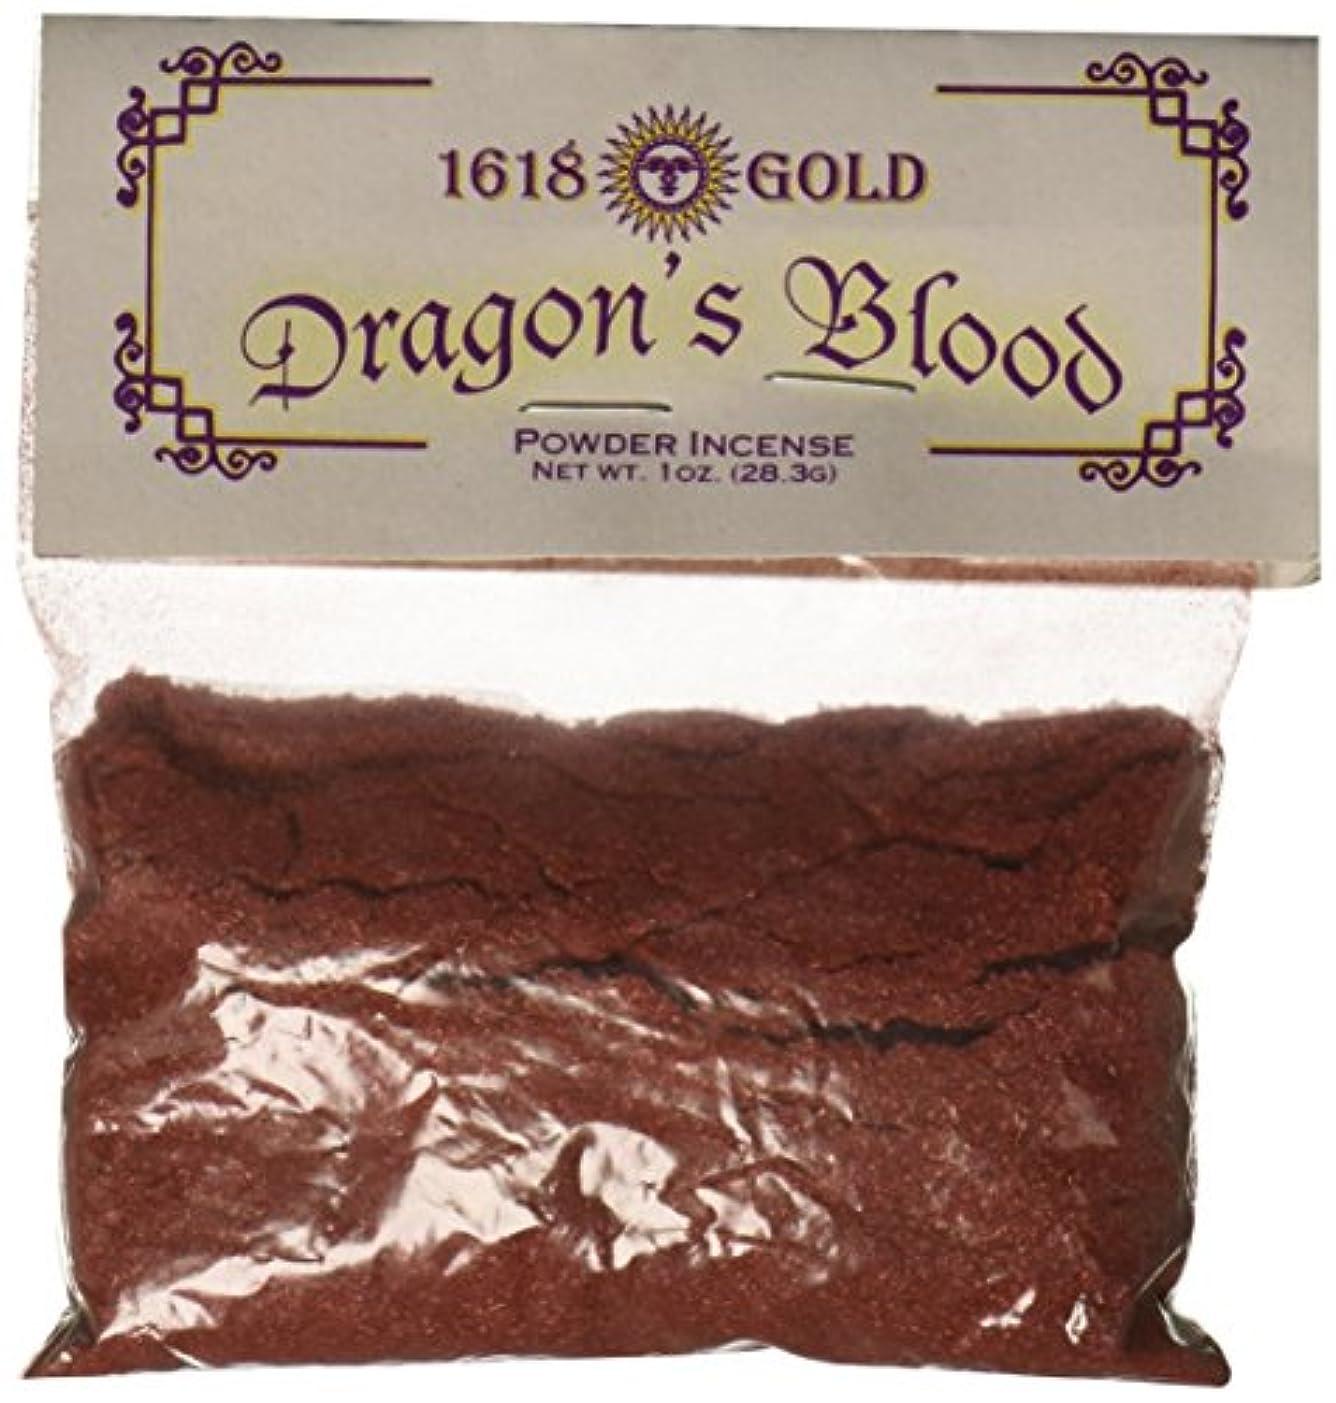 忌避剤その結果かもしれないドラゴンブラッドパウダーIncense 1618ゴールド レッド FBA_ITE-IPGDRA-AZG|1